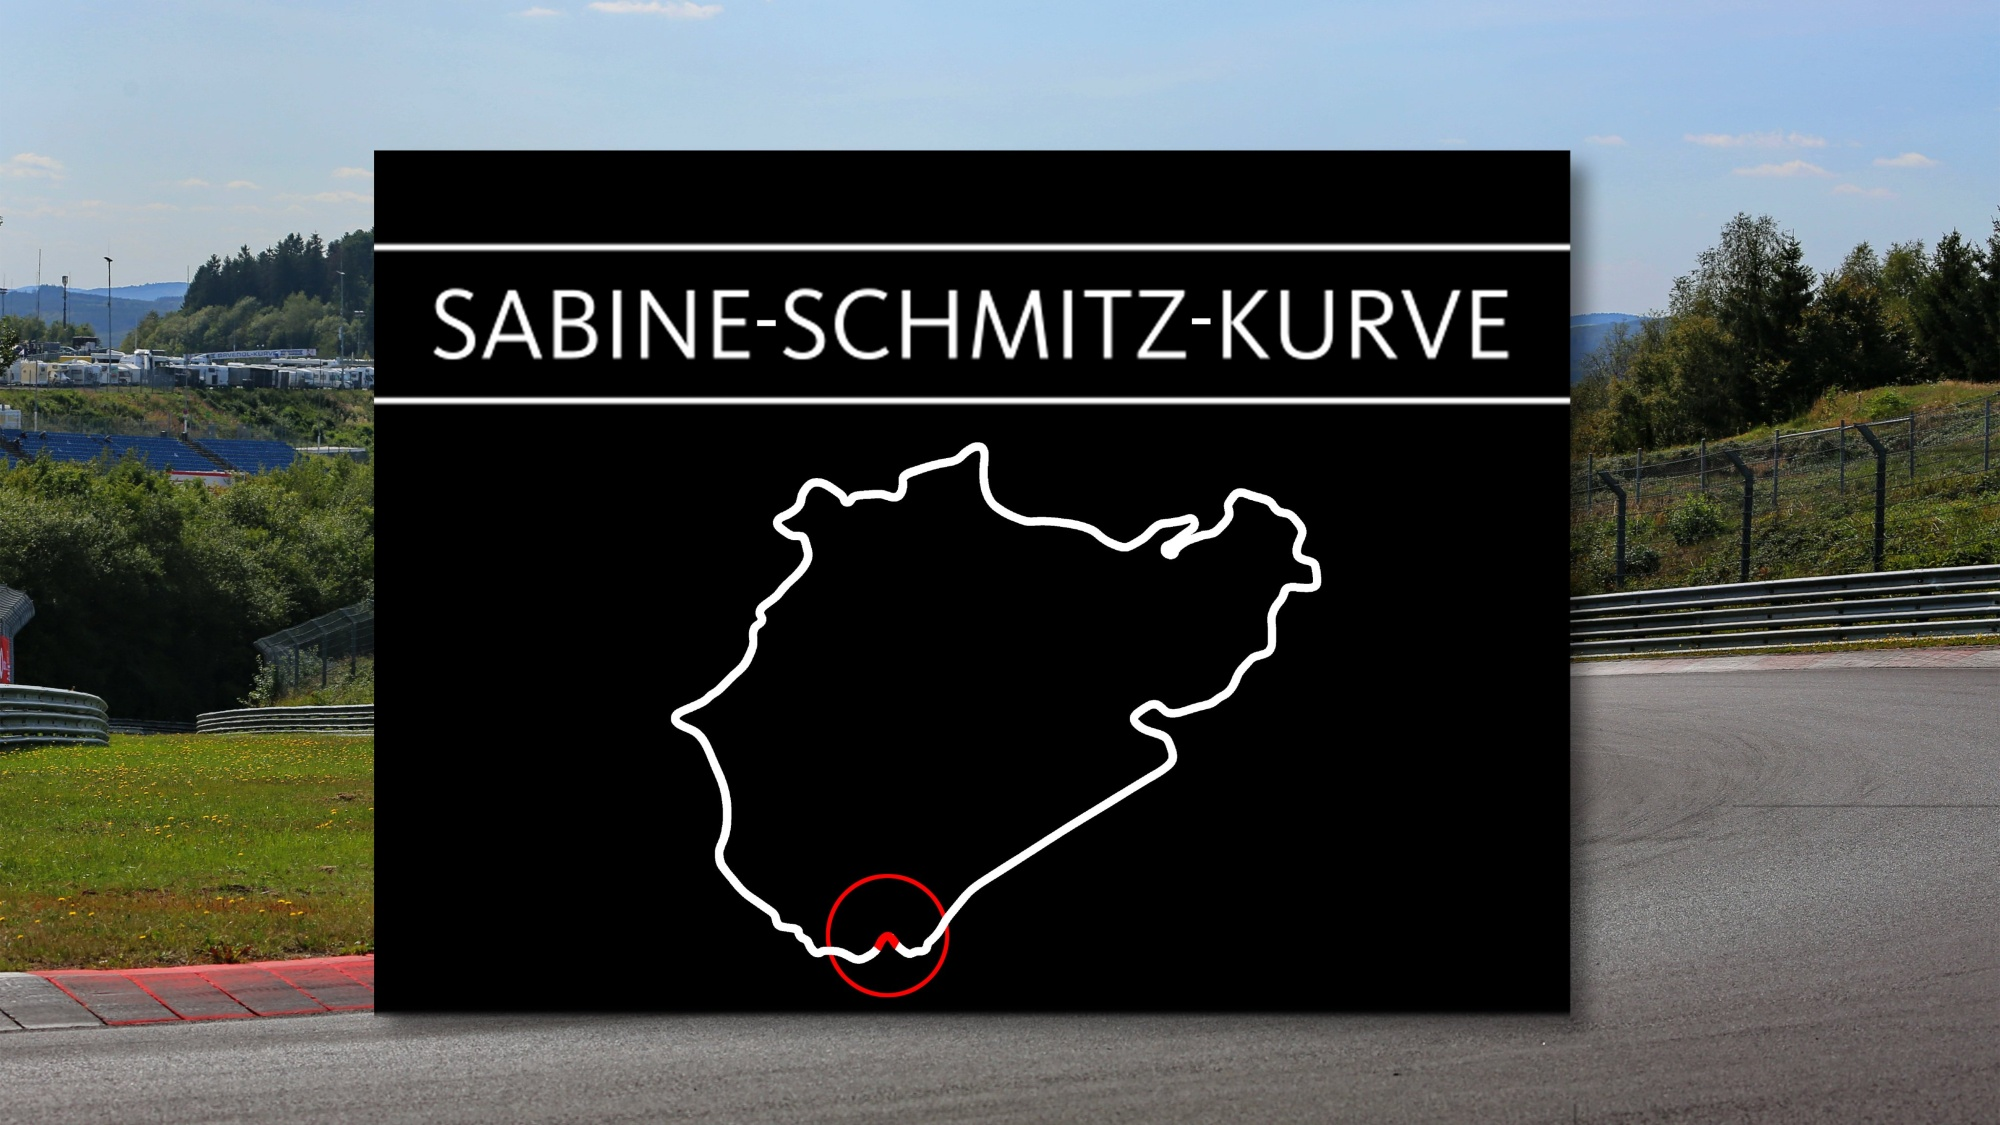 Sabine Schmitz